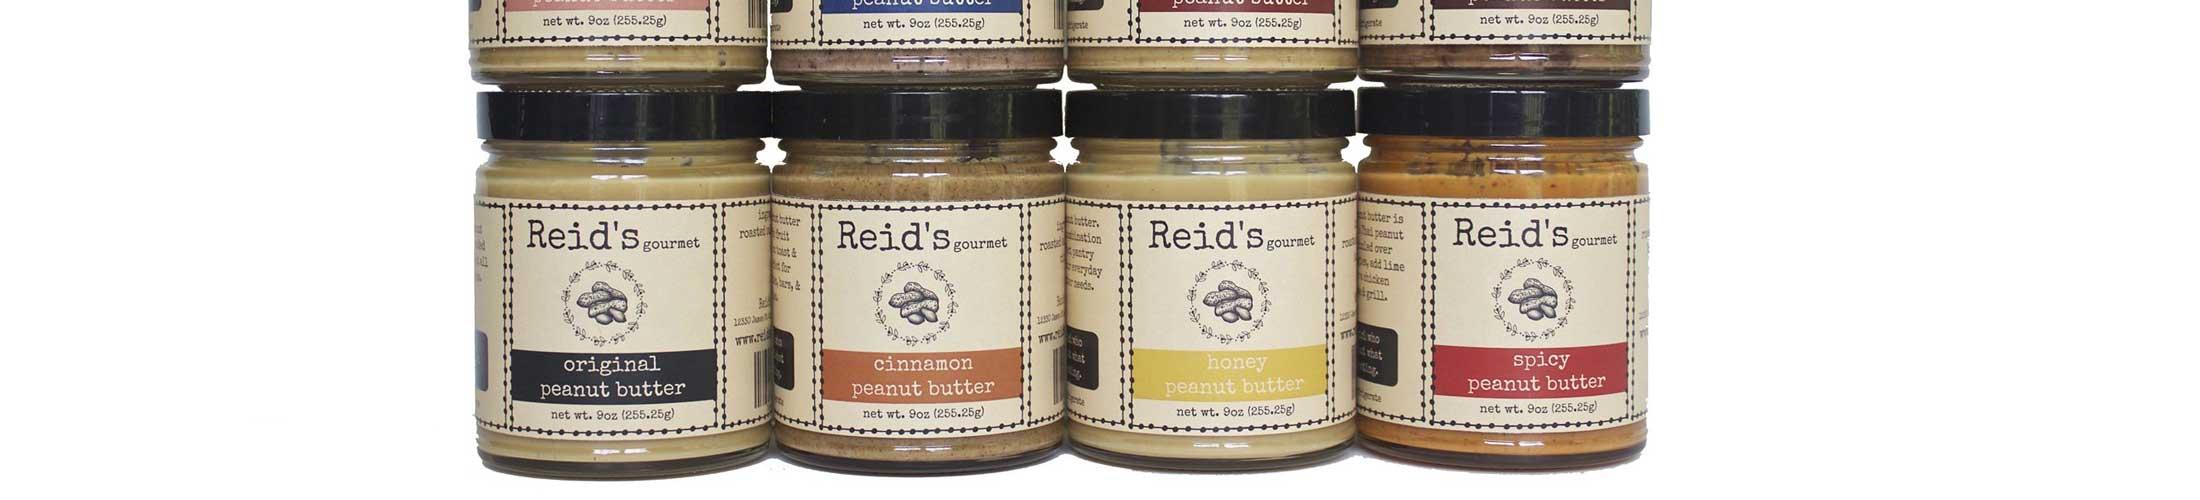 Reid's Gourmet